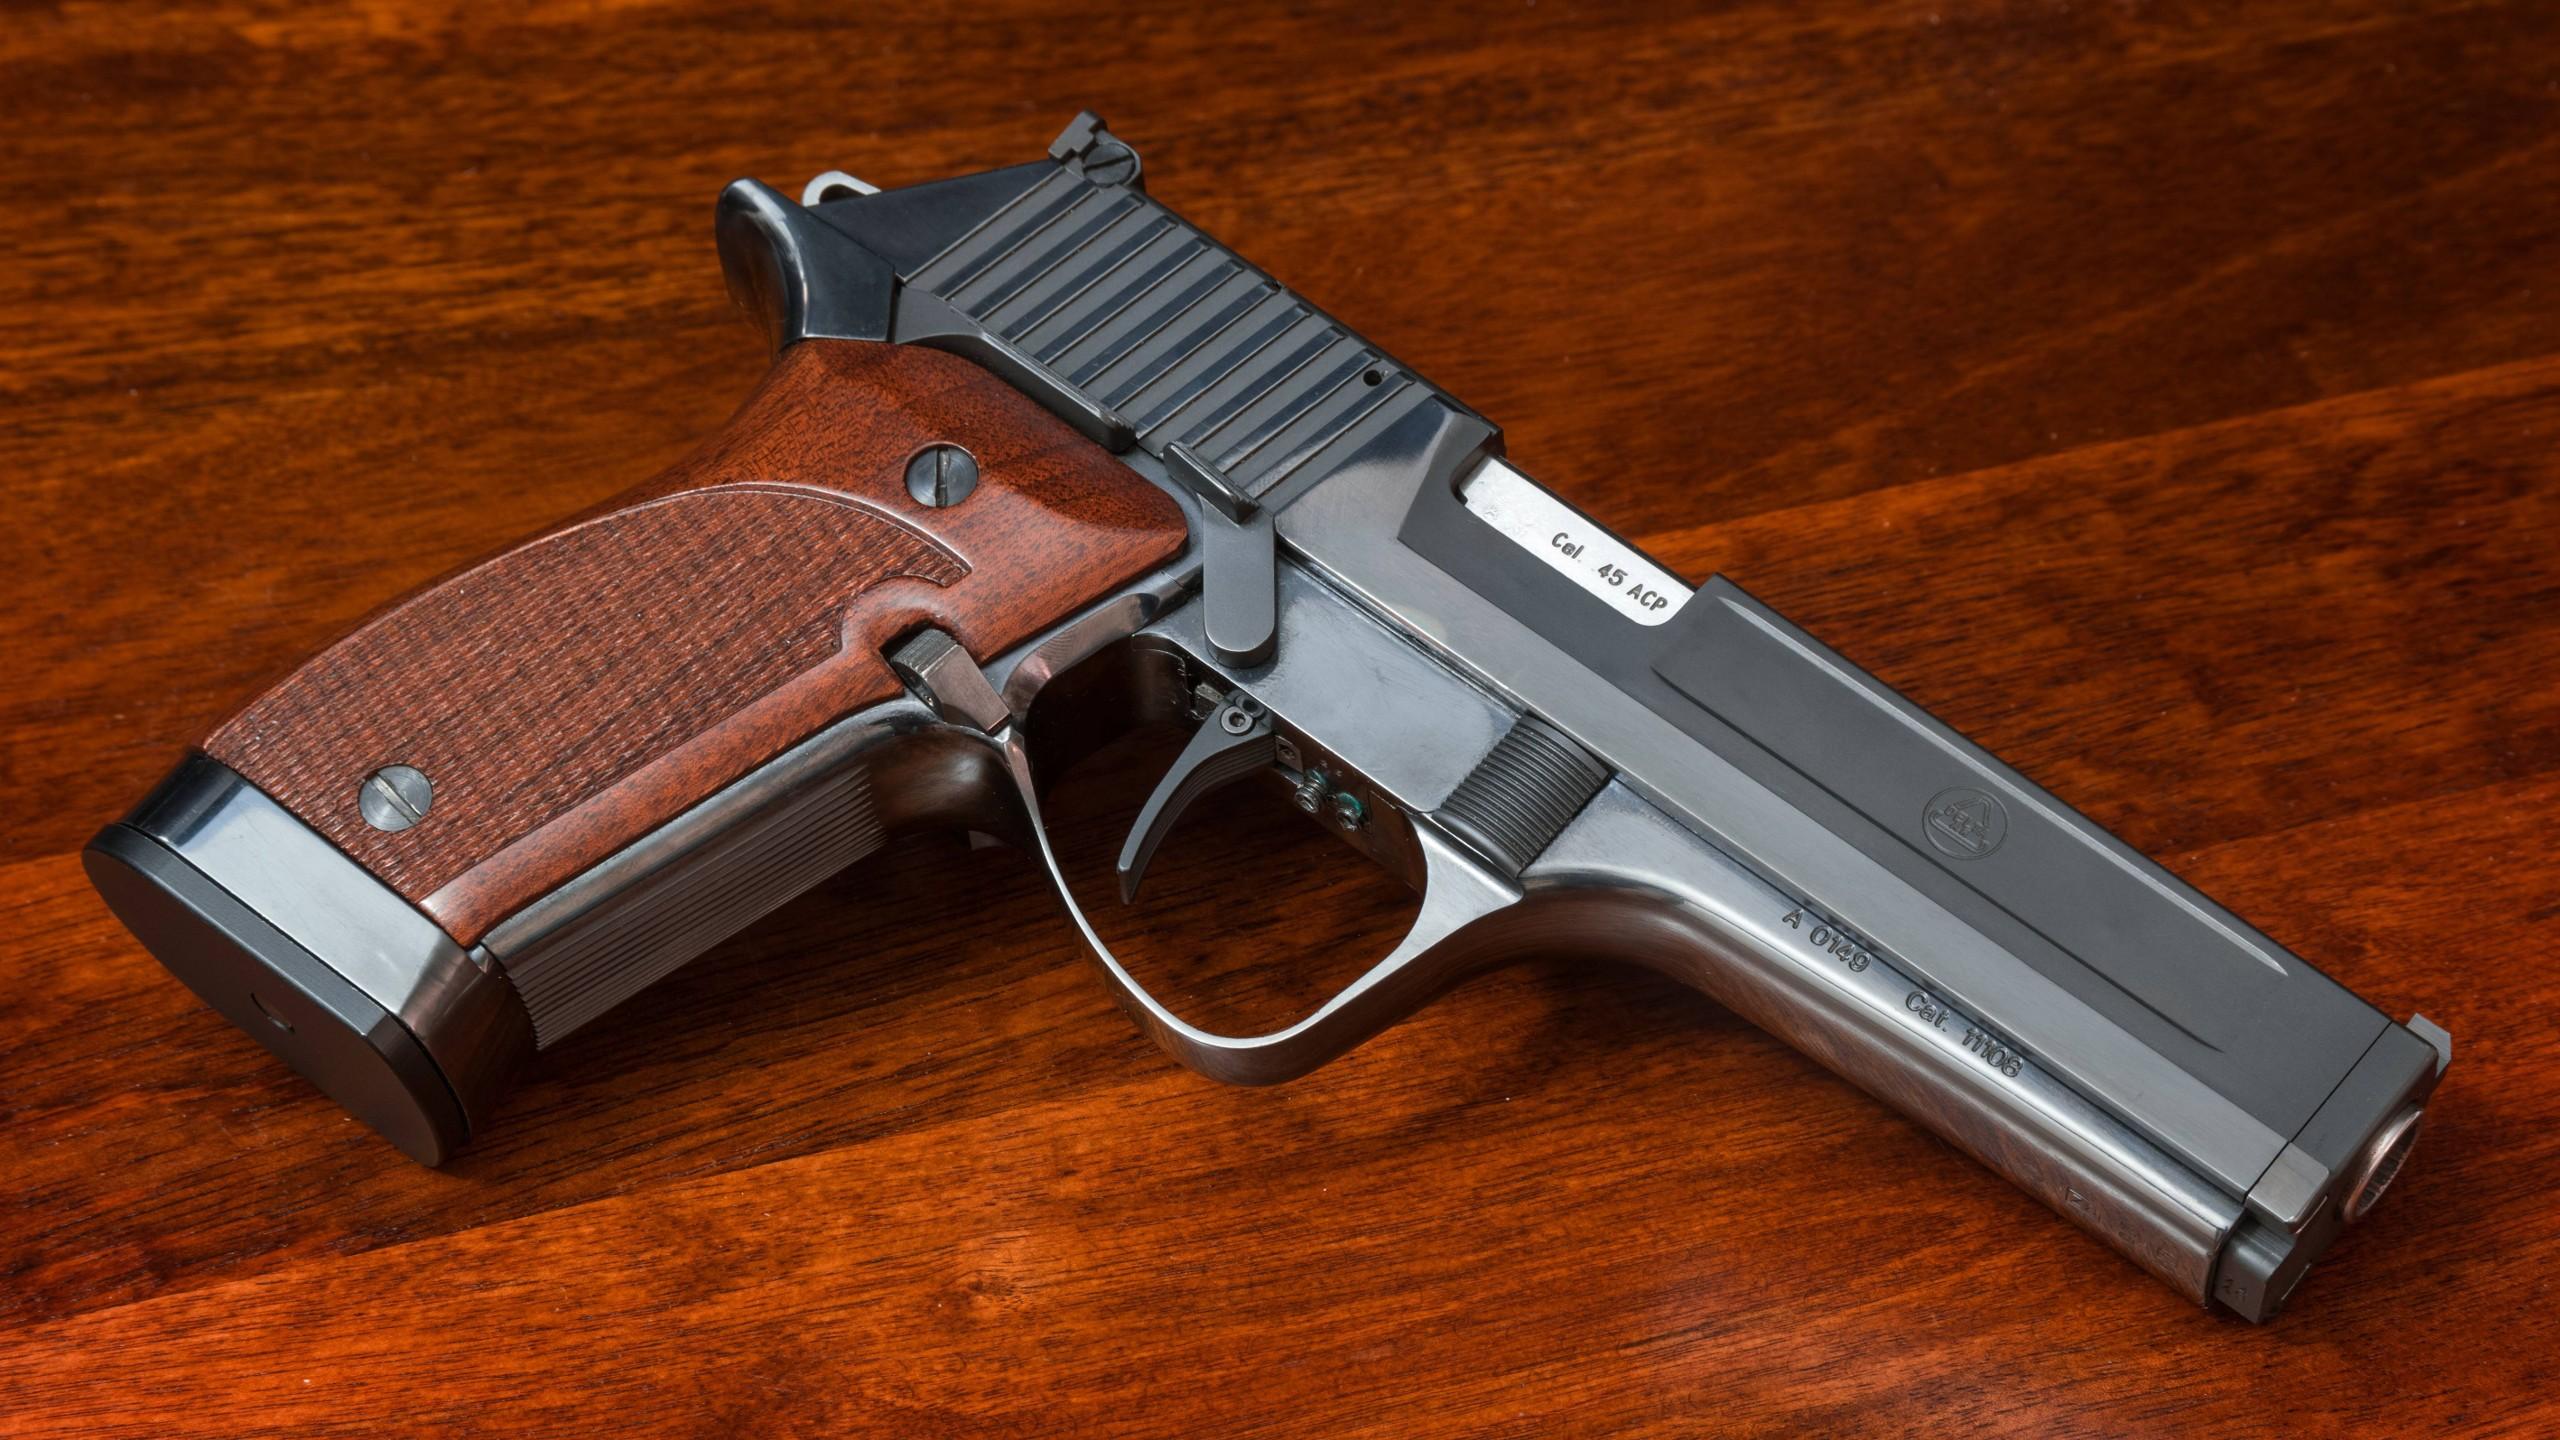 デスクトップ壁紙 武器 ピストル ショットガン 拳銃 45 Acp